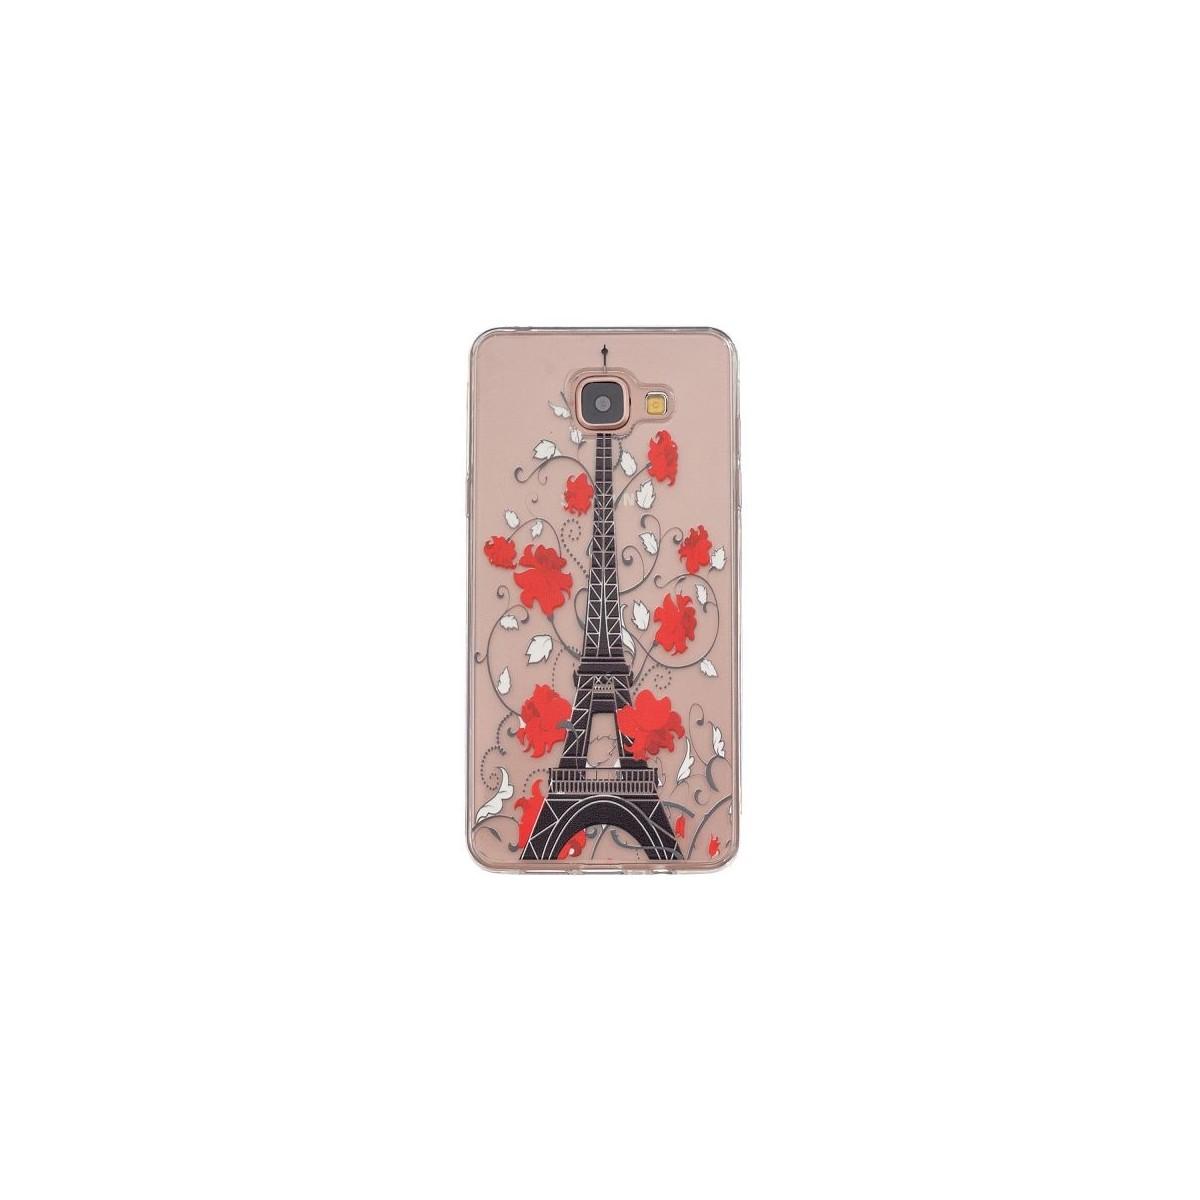 Coque Galaxy A5 (2016) Transparente souple motif Tour Eiffel et Fleurs Rouges - Crazy Kase